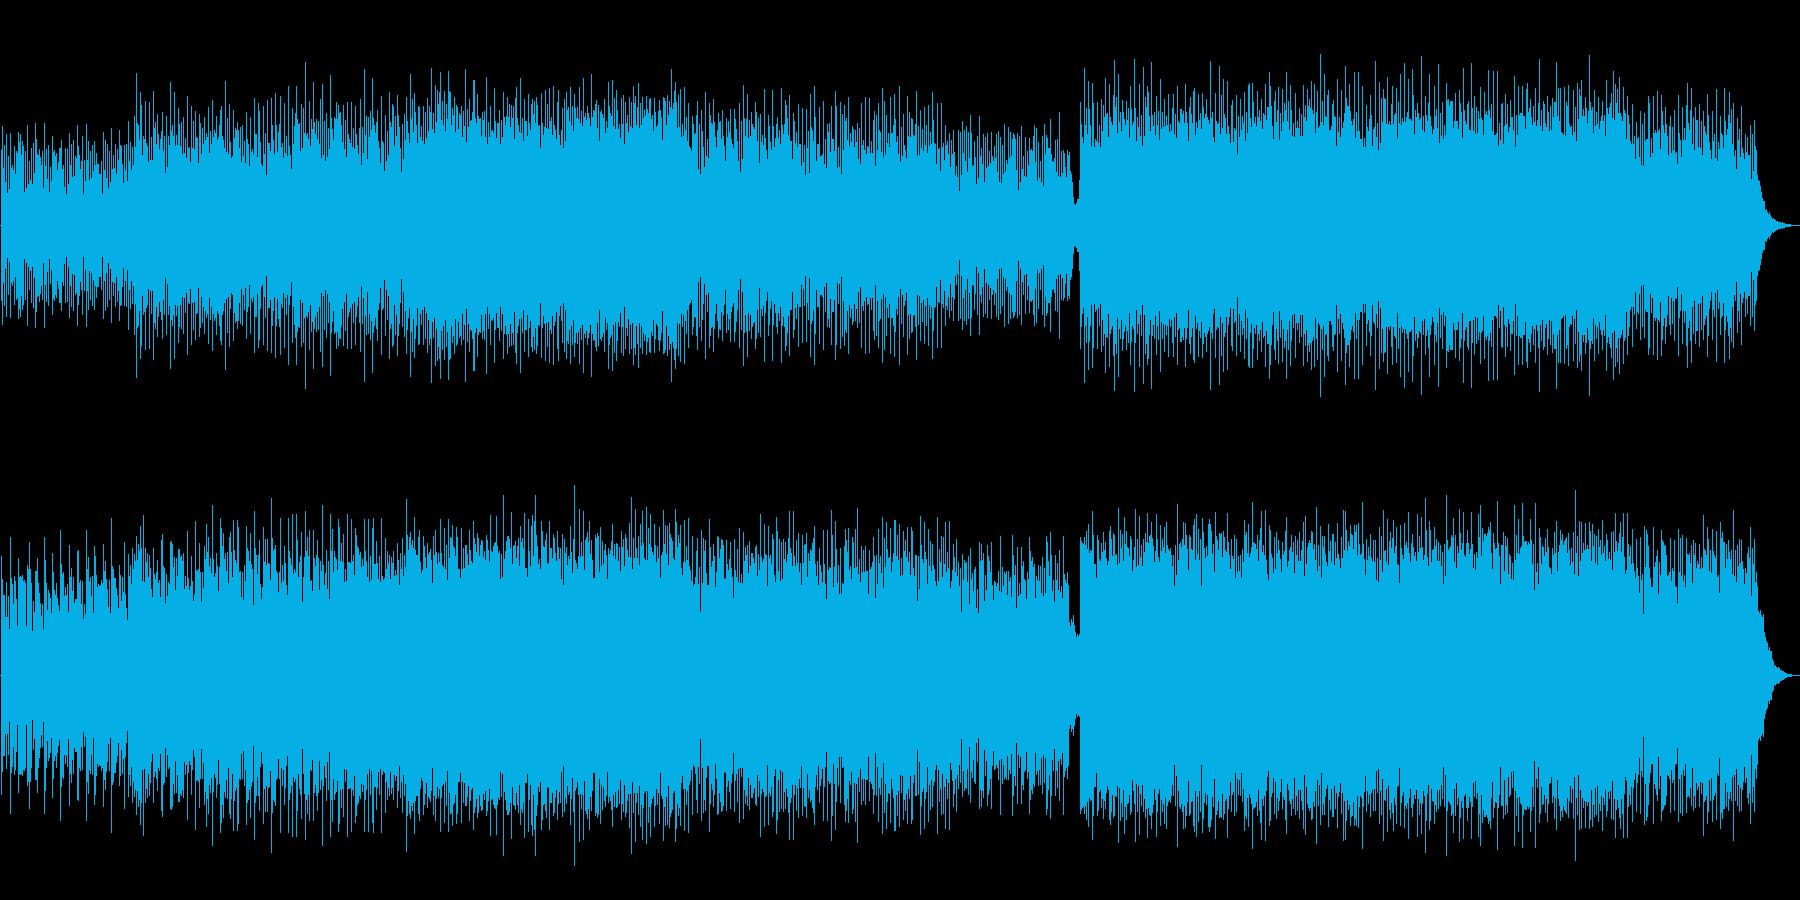 爽やかで瑞々しい生演奏ギター曲の再生済みの波形